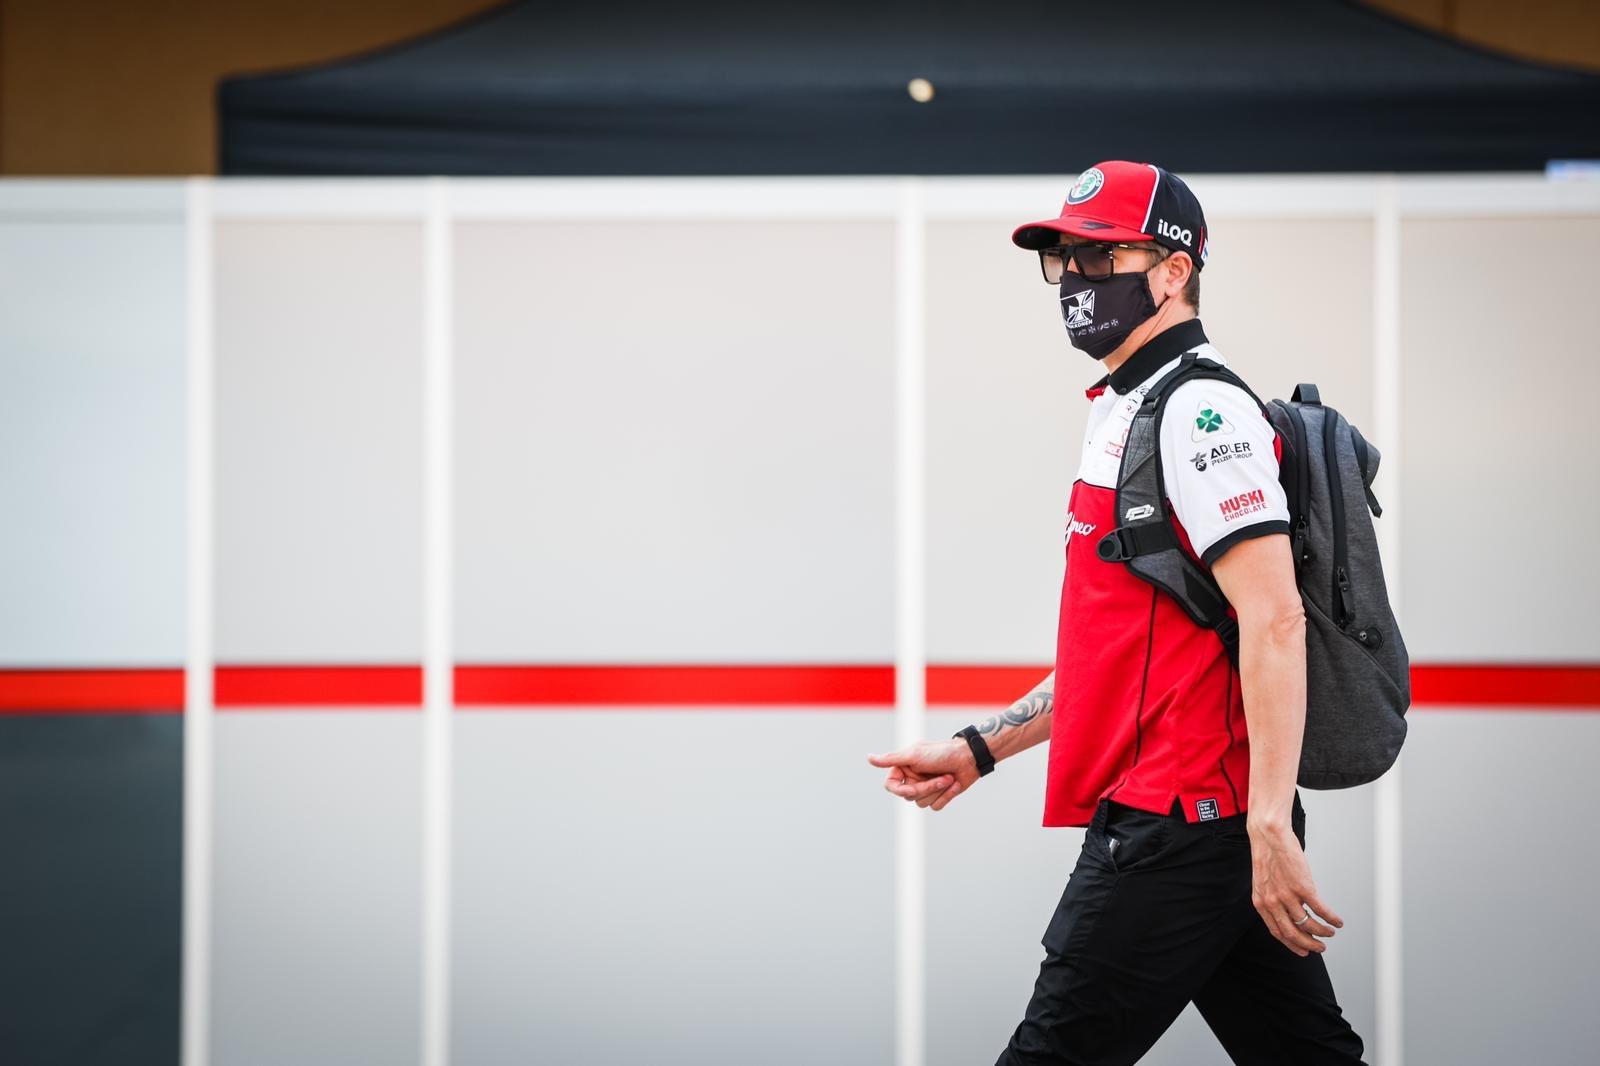 F1 - Kimi Raïkkönen reste très motivé au moment d'aborder sa 19ème saison en F1